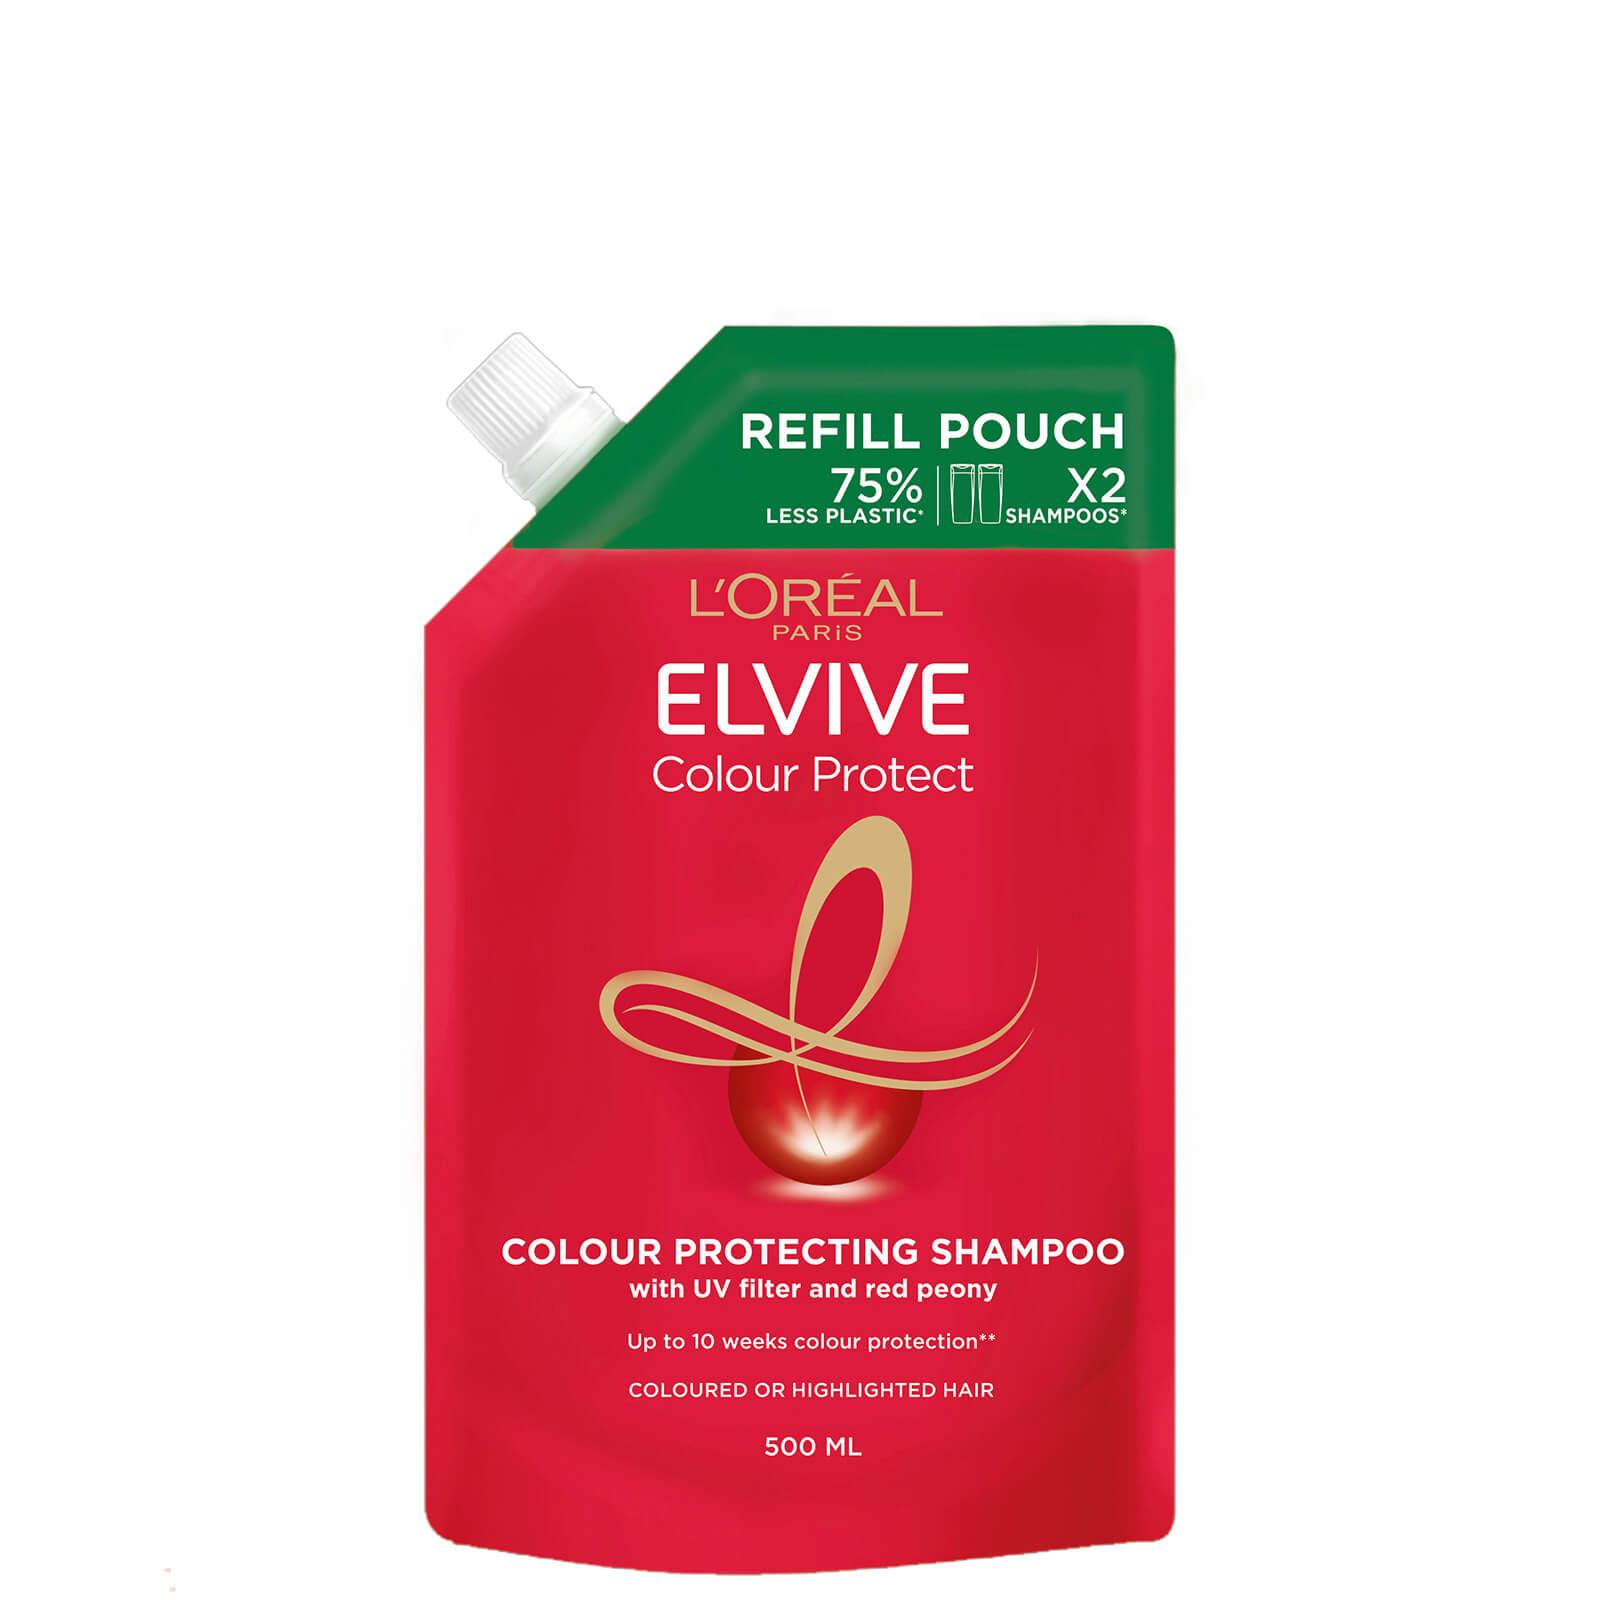 L'Oréal Paris Elvive Colour Protect Shampoo Refill Pouch 500ml